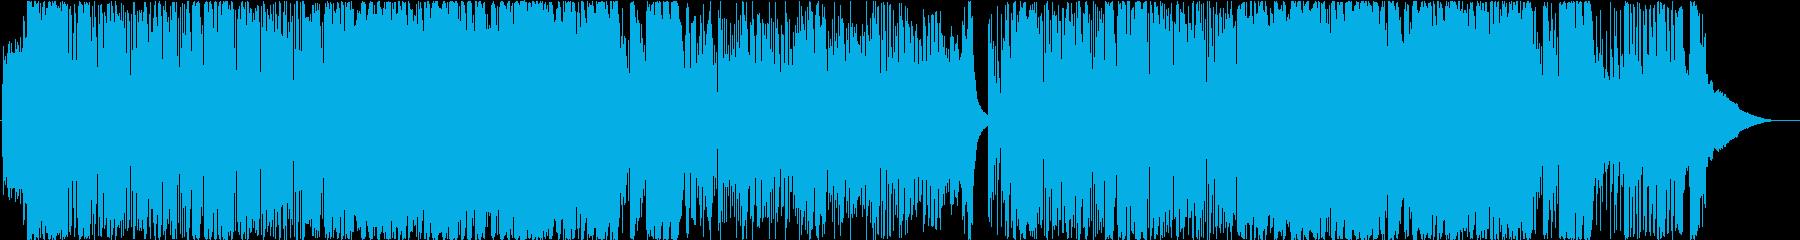 派手なビッグバンドジャズの再生済みの波形